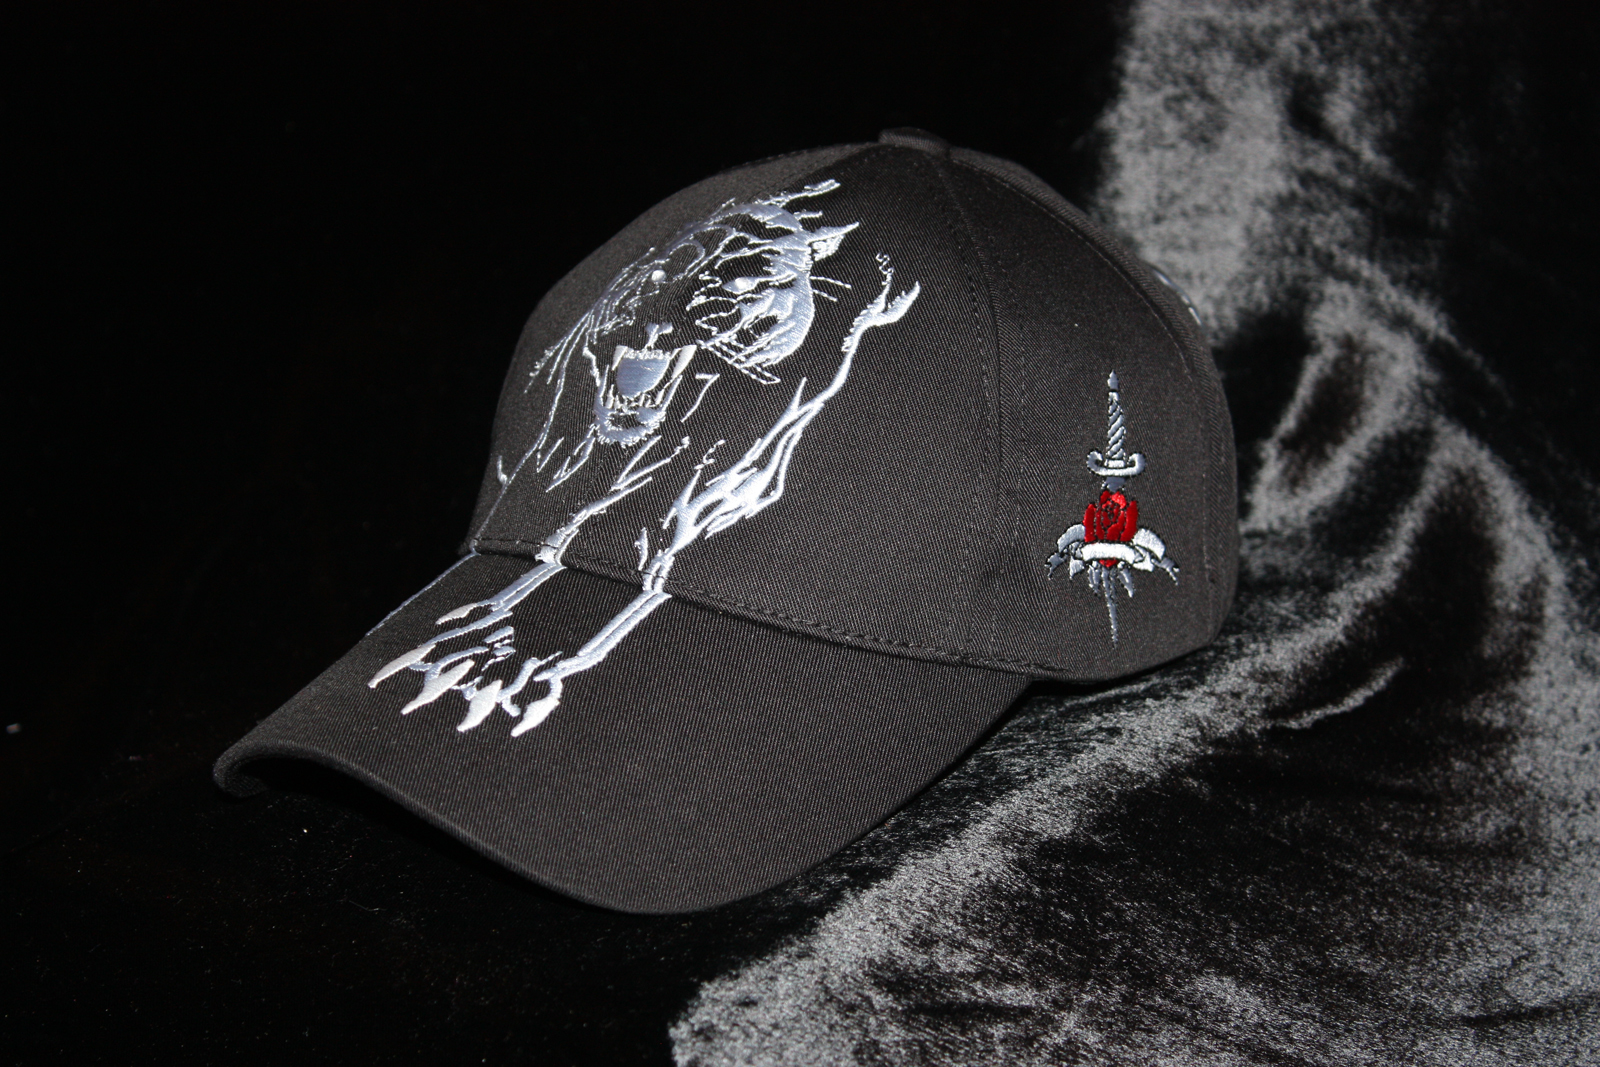 best website 6fcf5 1689a Black 20panther 20glam 20rock 20 20 20 20black 20cotton 20 20front original